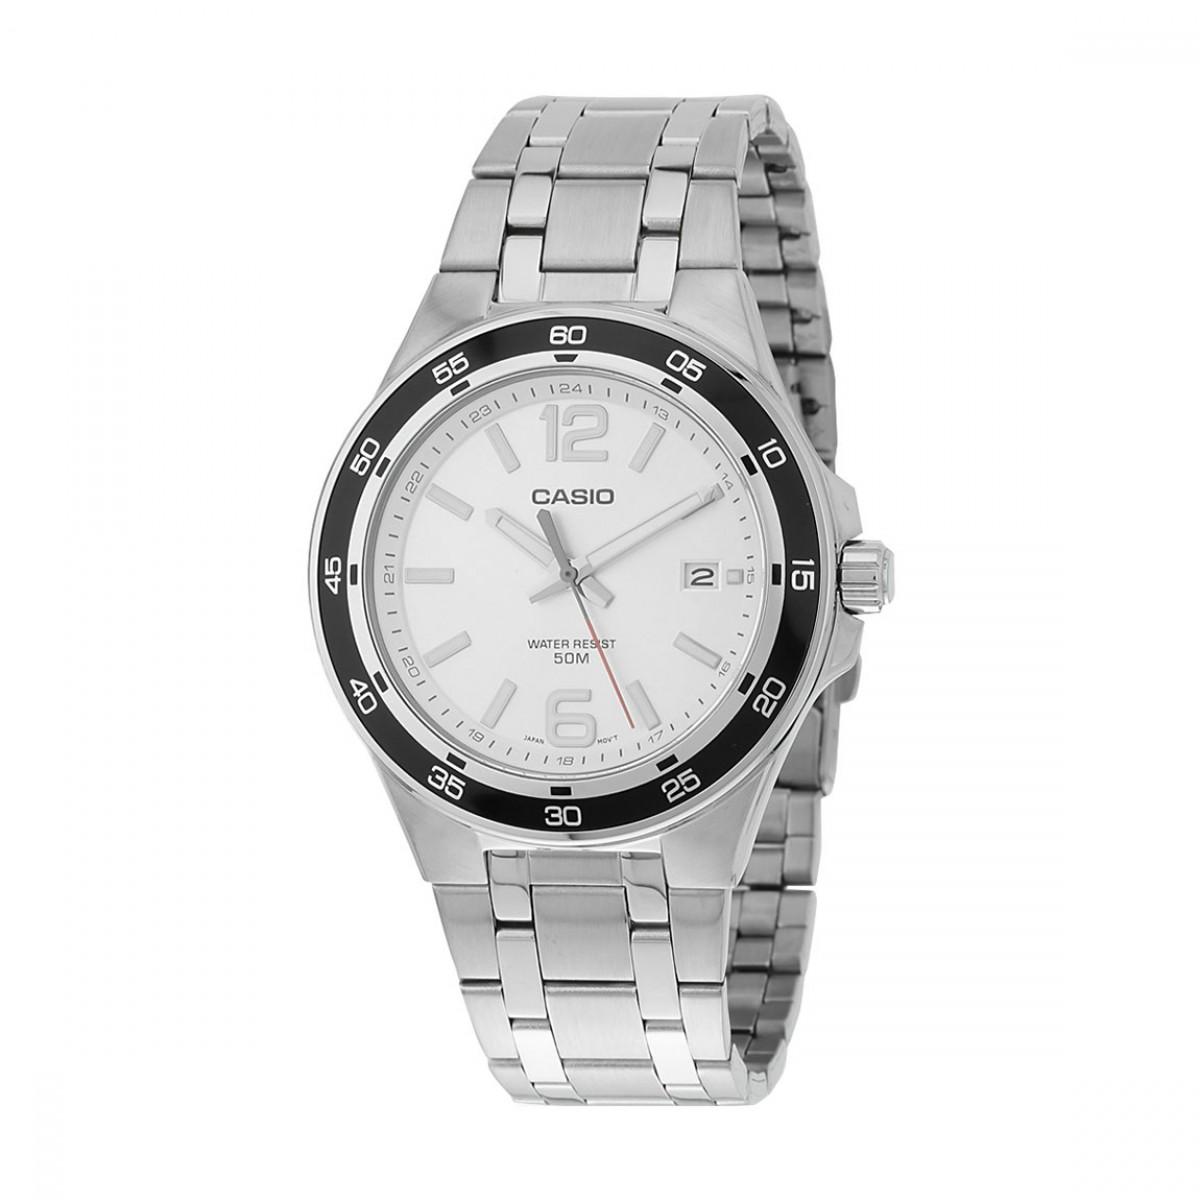 Часовник Casio MTP-1373D-7AV